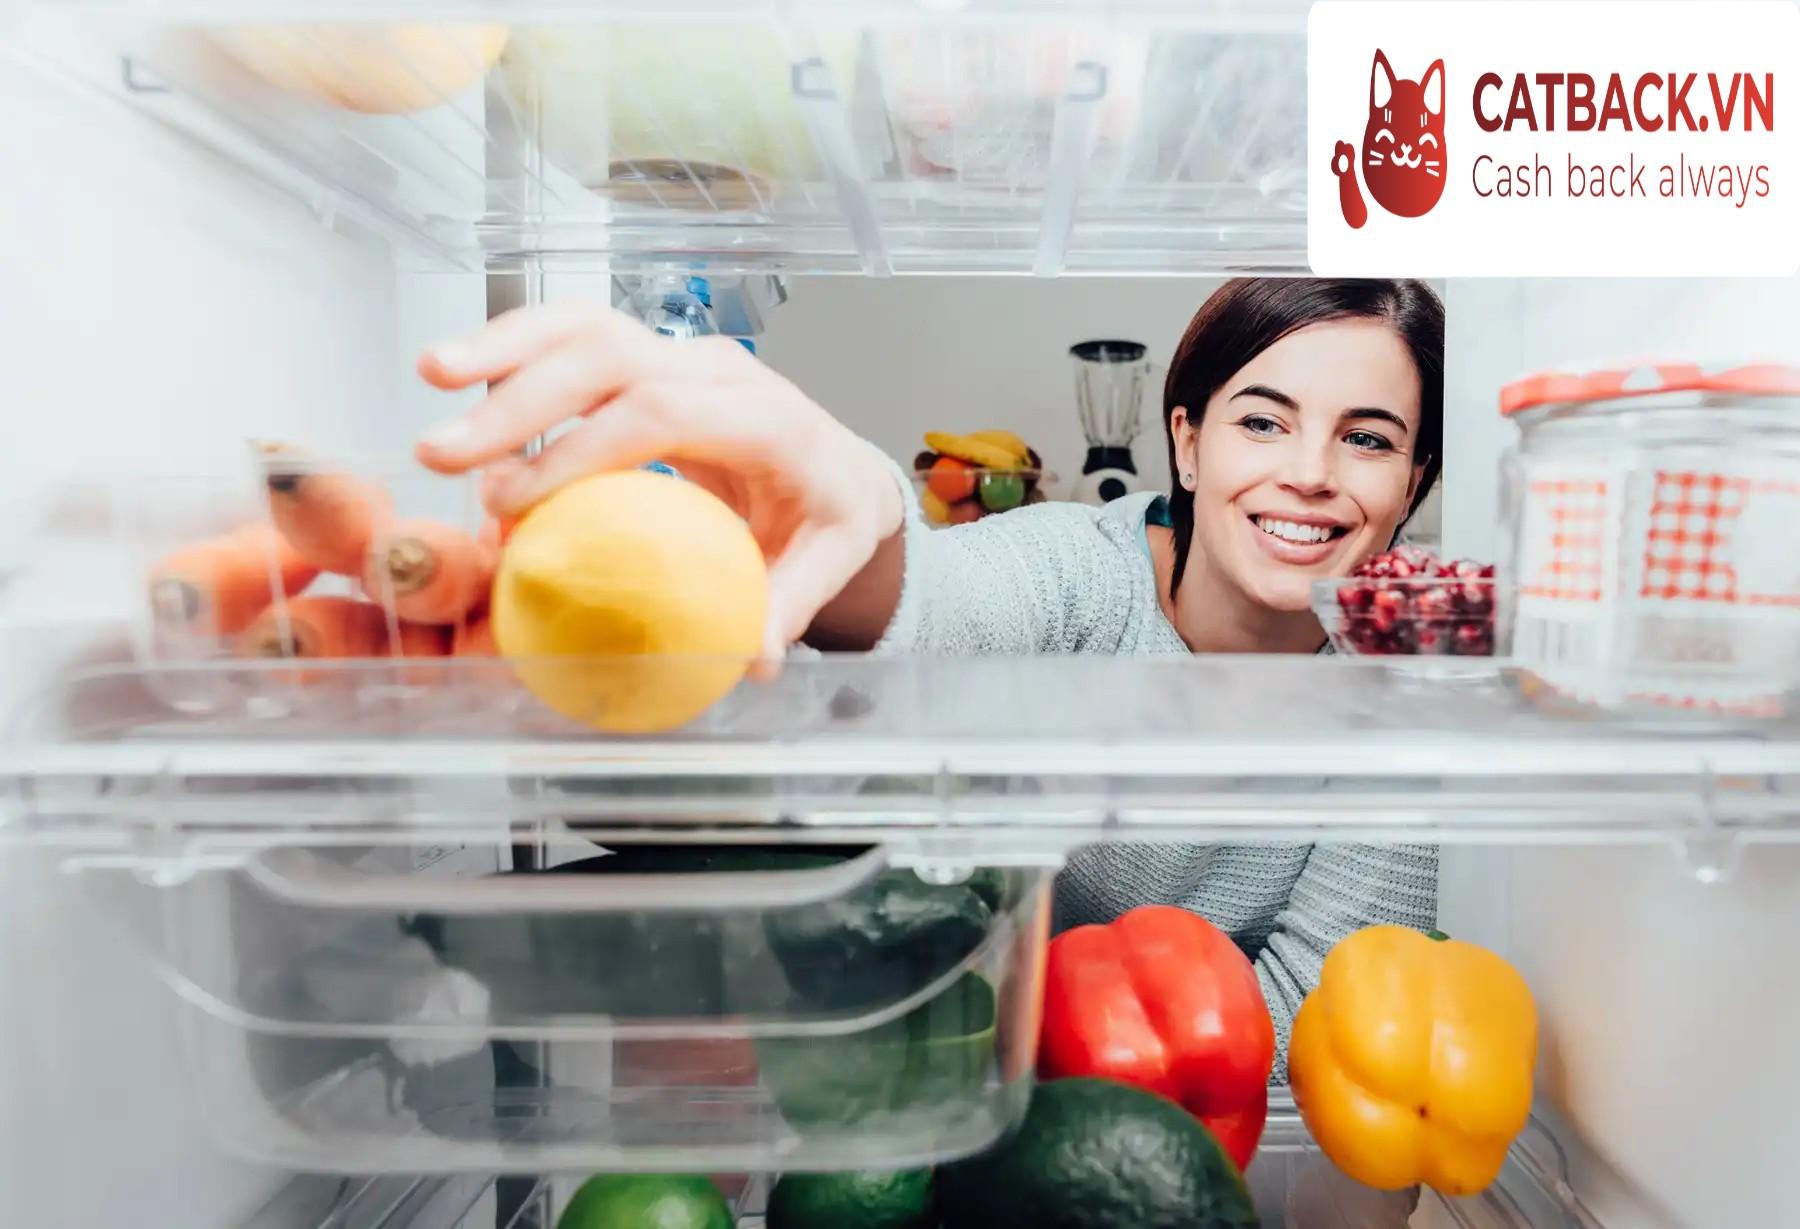 Tránh để đồ dùng bừa bãi và chất đầy